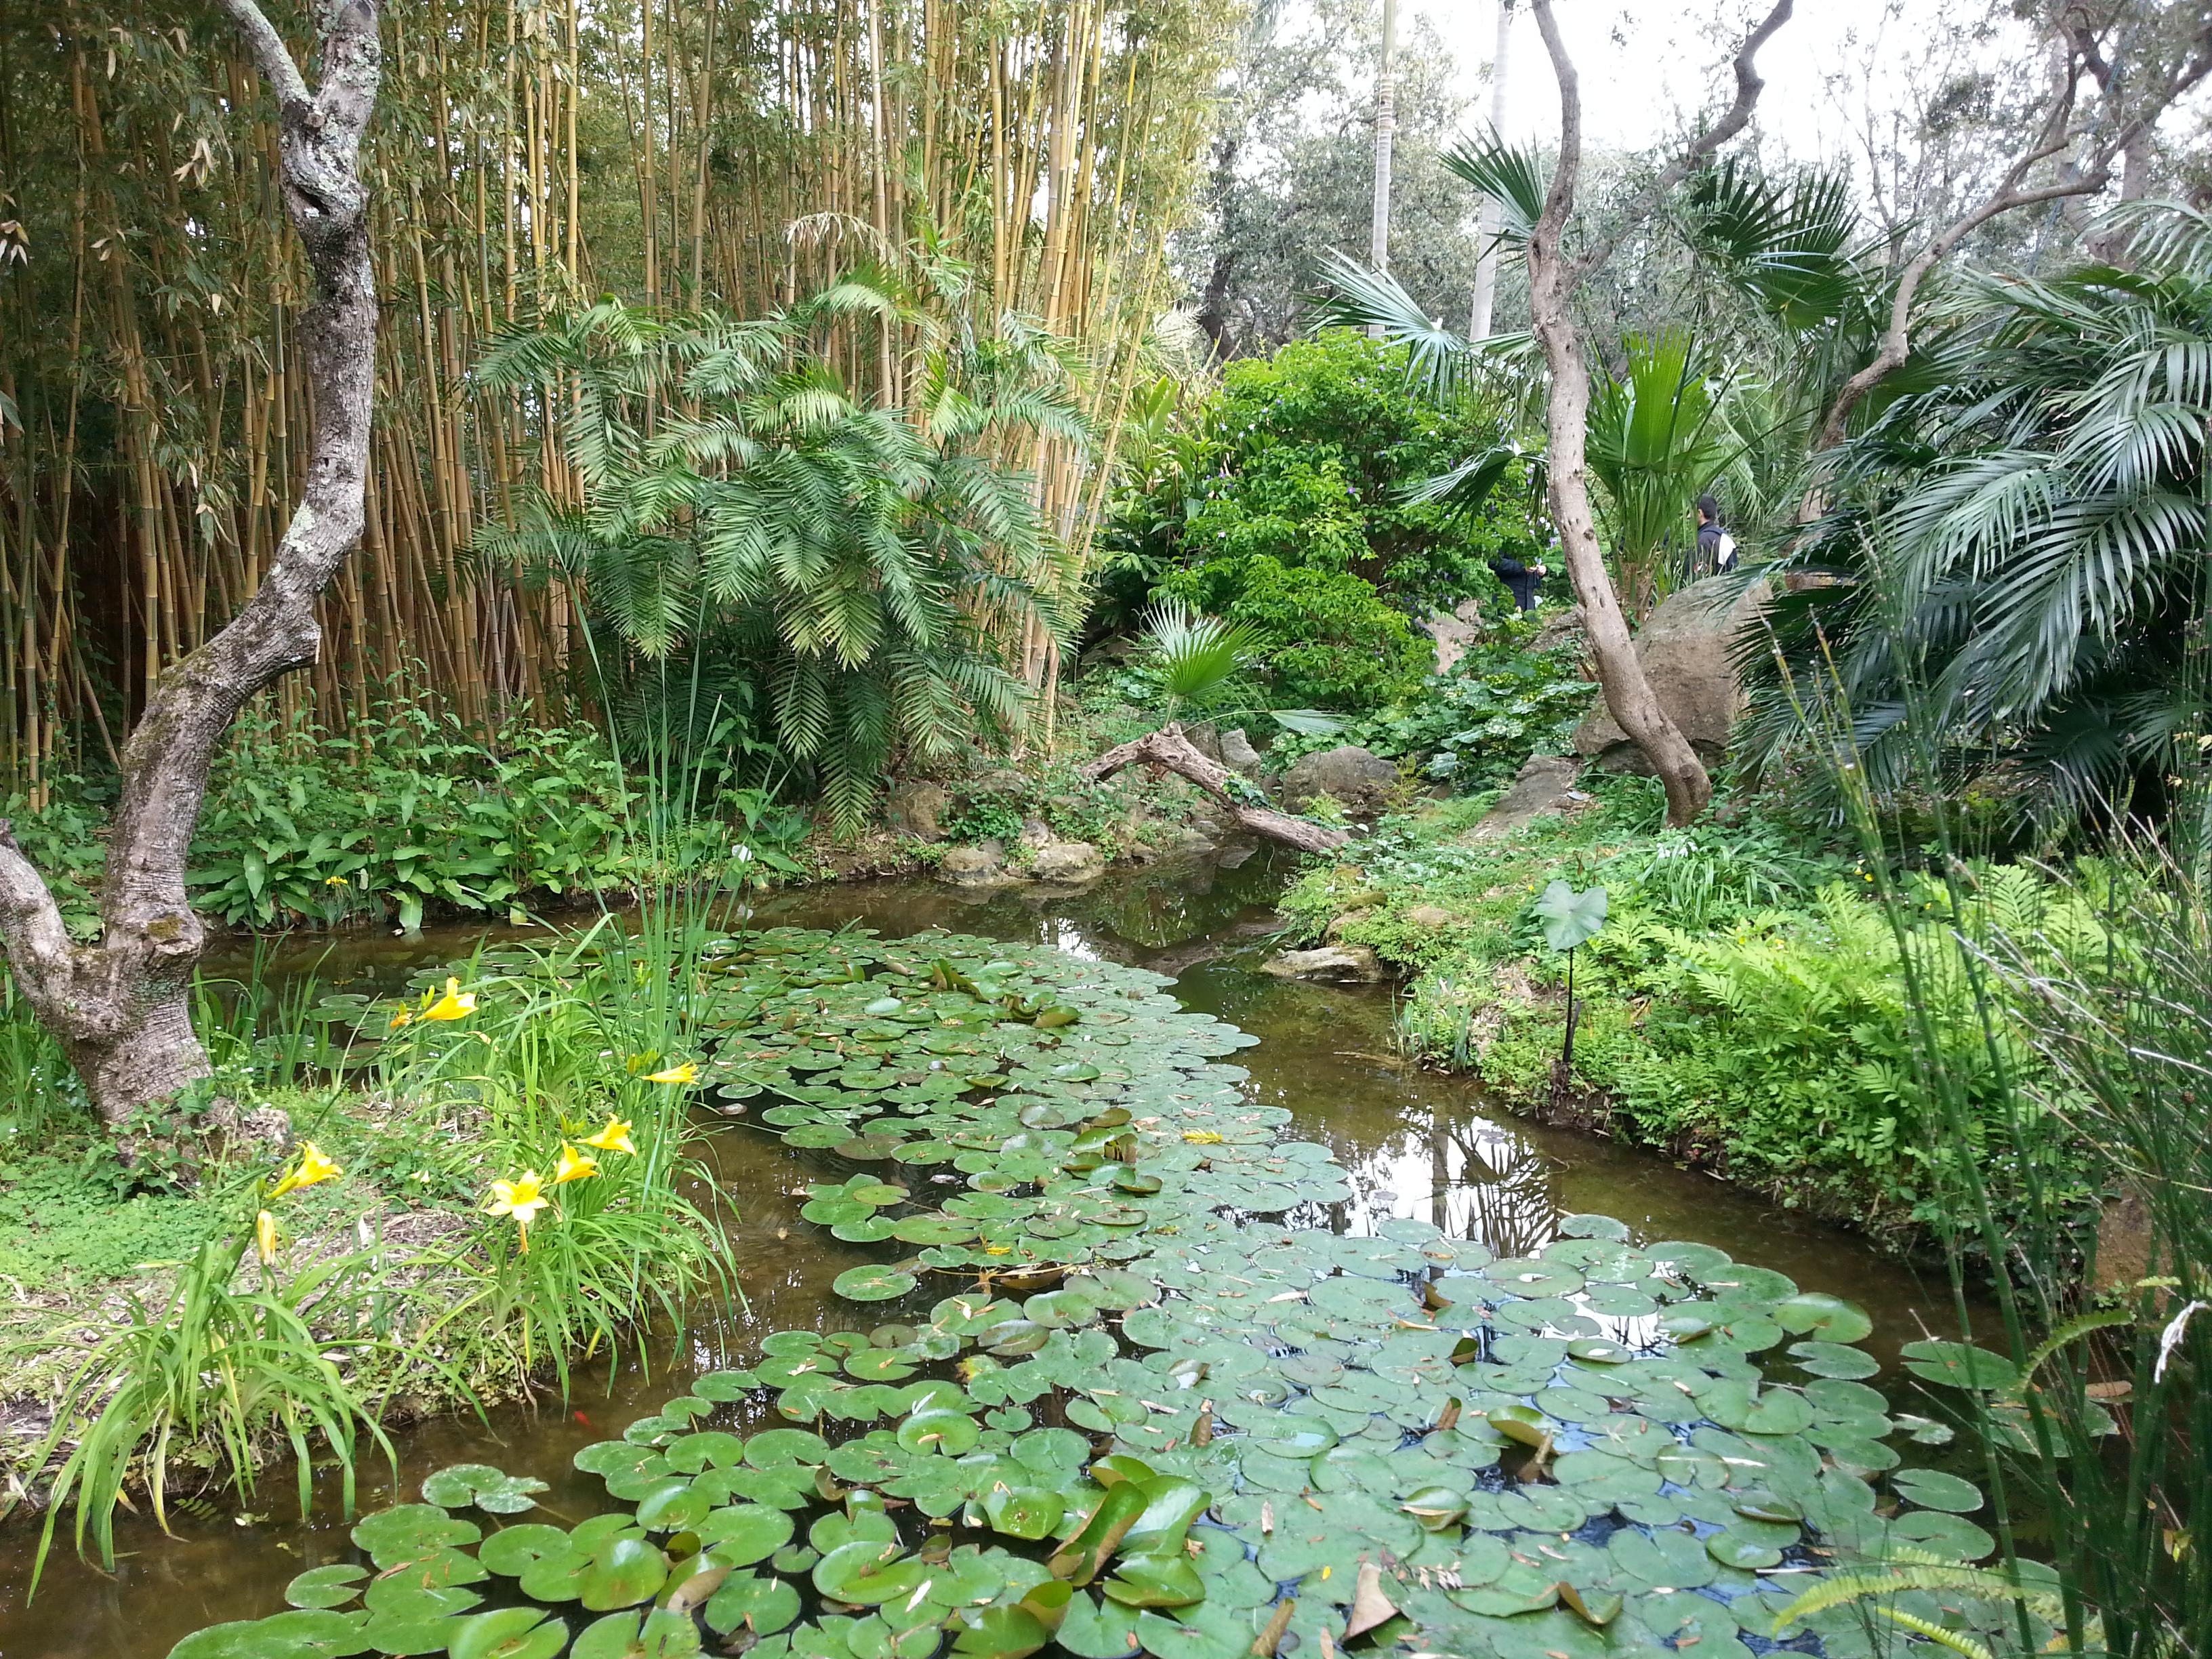 I giardini segreti di bologna riaprono al pubblico con for Programma progettazione giardini